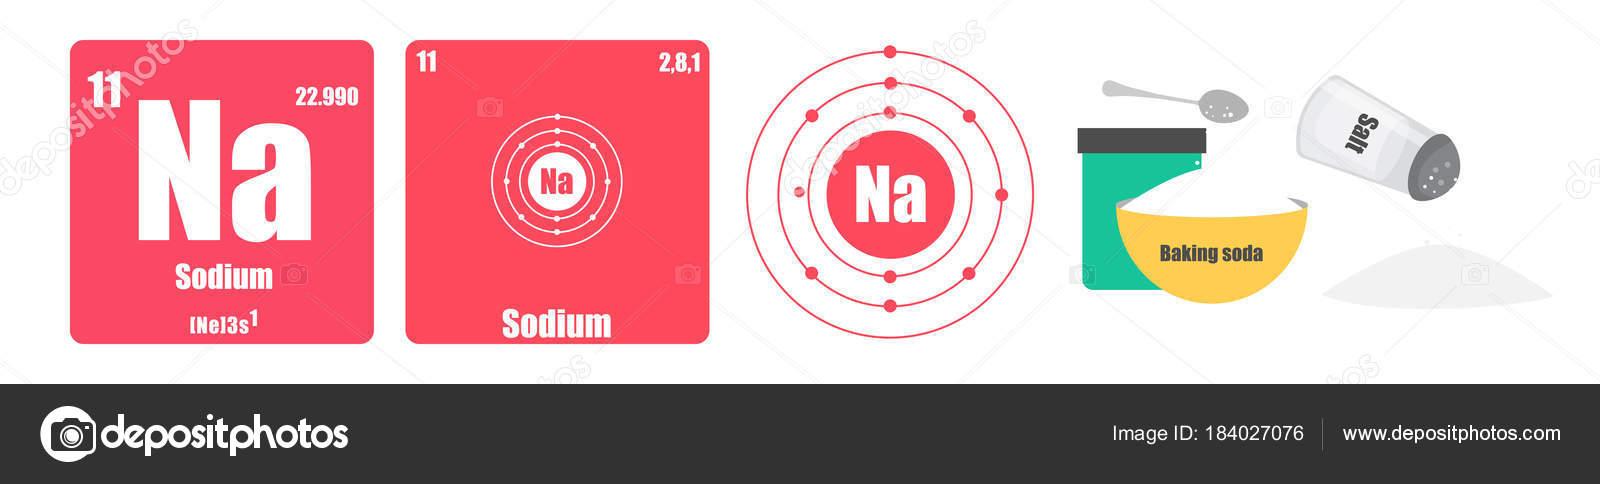 tabla periodica de los elementos del grupo i los metales alcalinos sodio na vector de